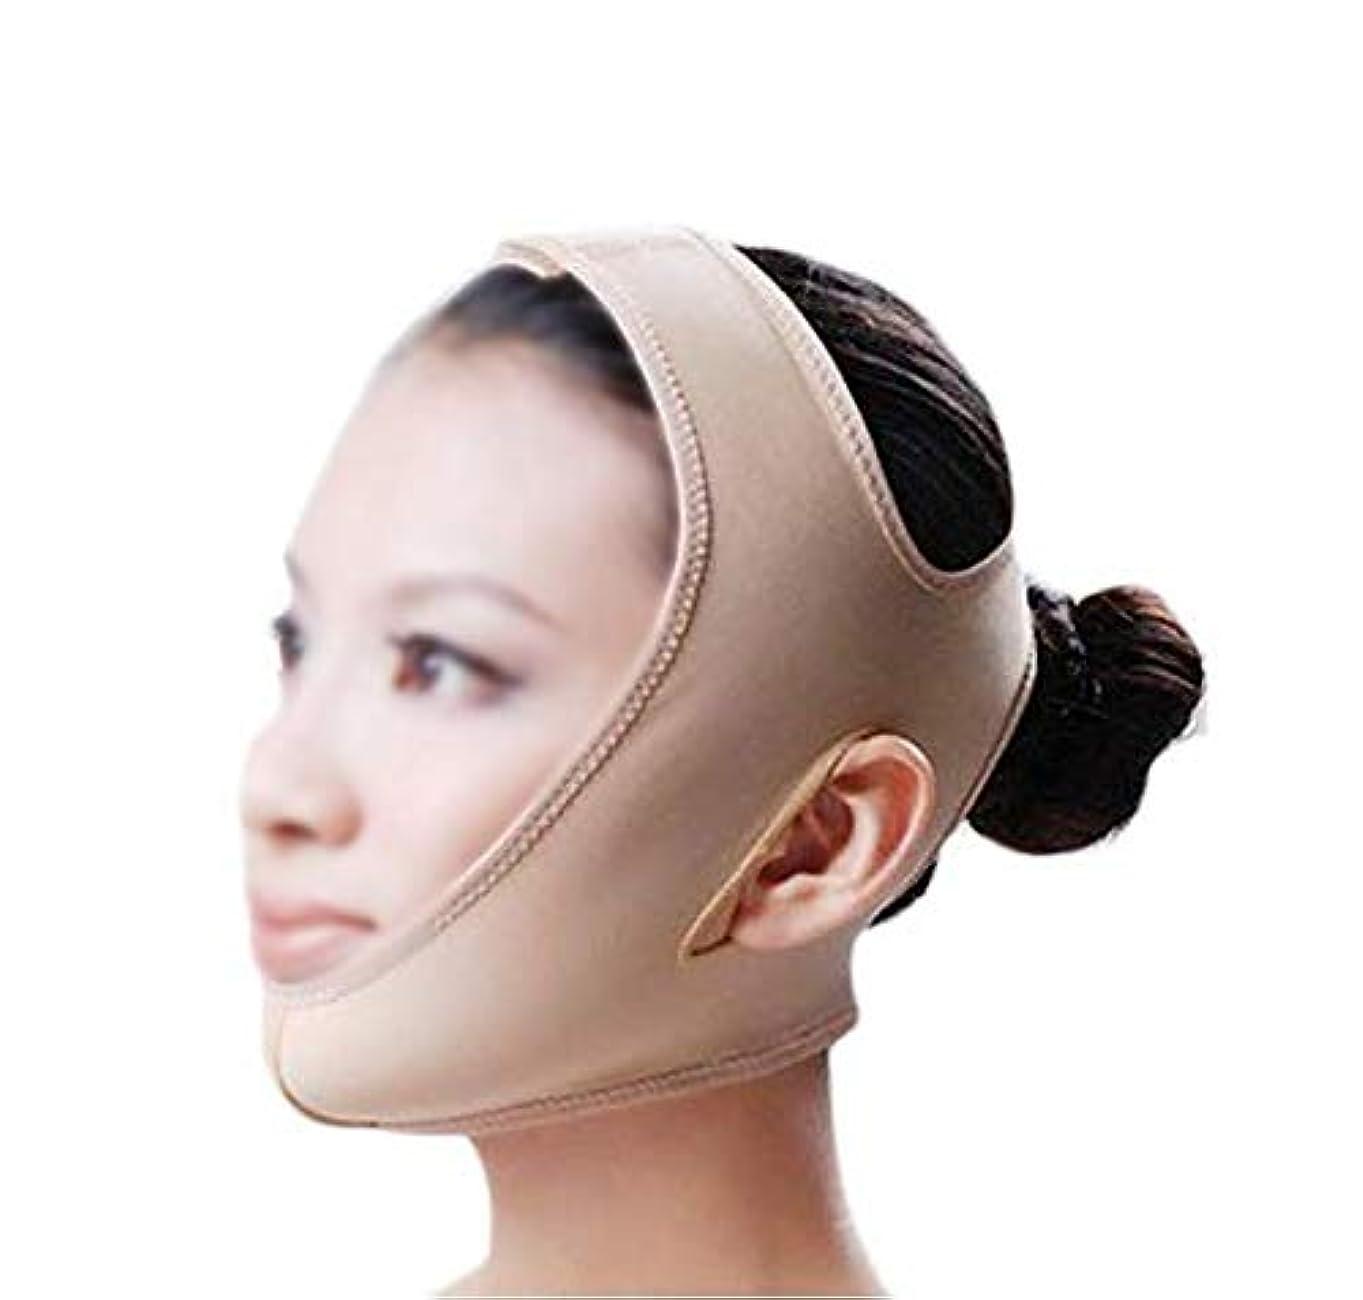 教室くつろぎアンケートLJK V顔スリム包帯スキンケアリフト二重あごフェイスマスクThiningベルトを減らす (Size : L)